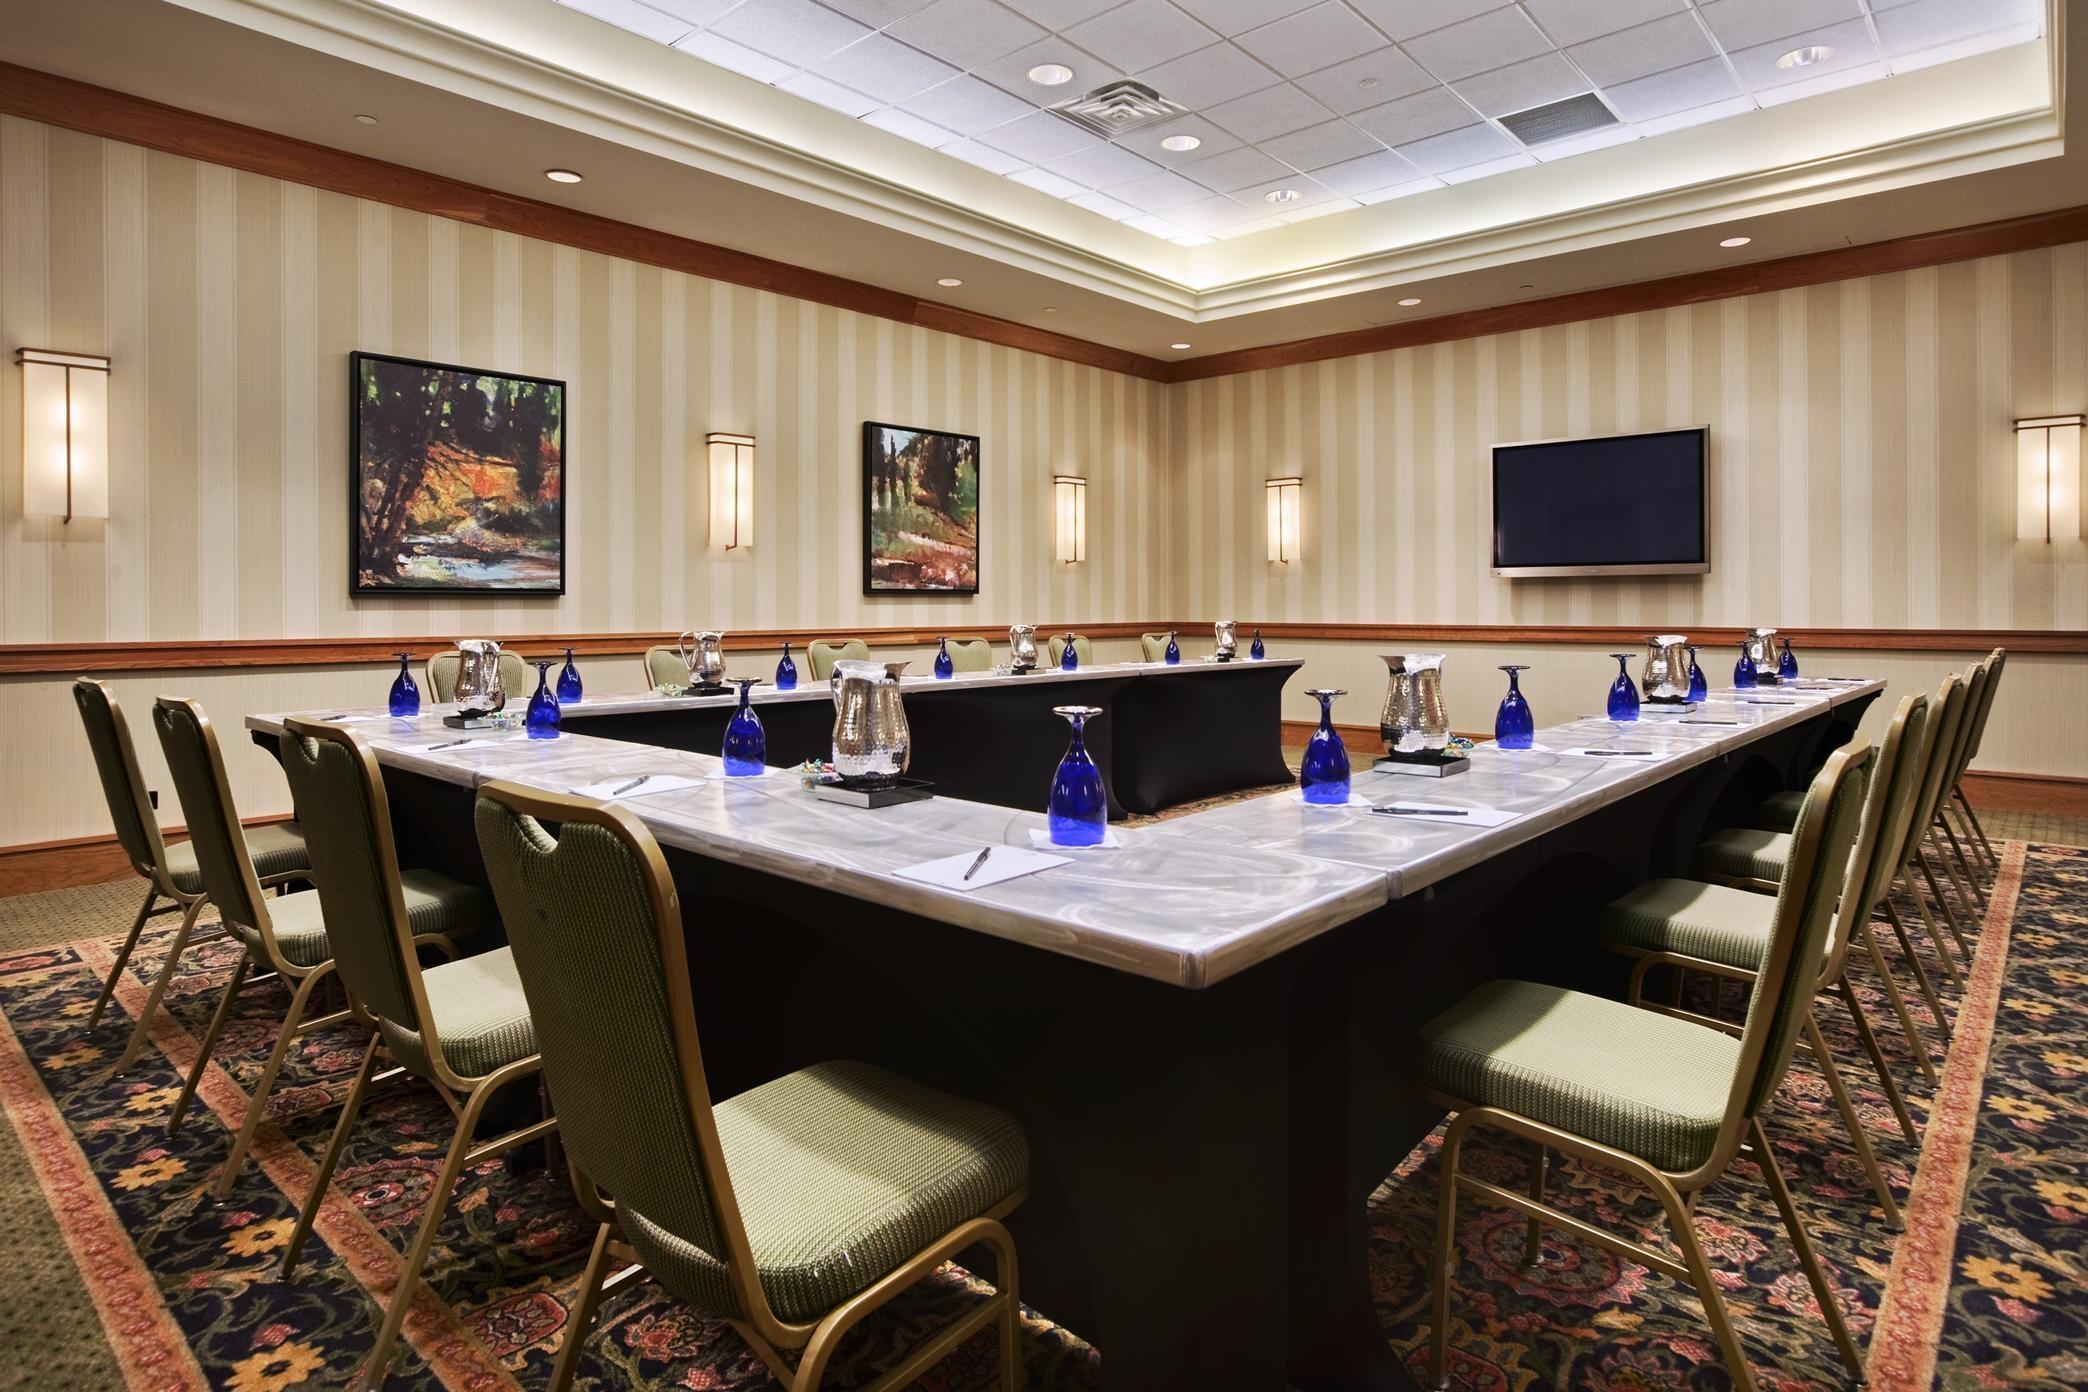 Hilton Chicago/Oak Brook Suites image 10